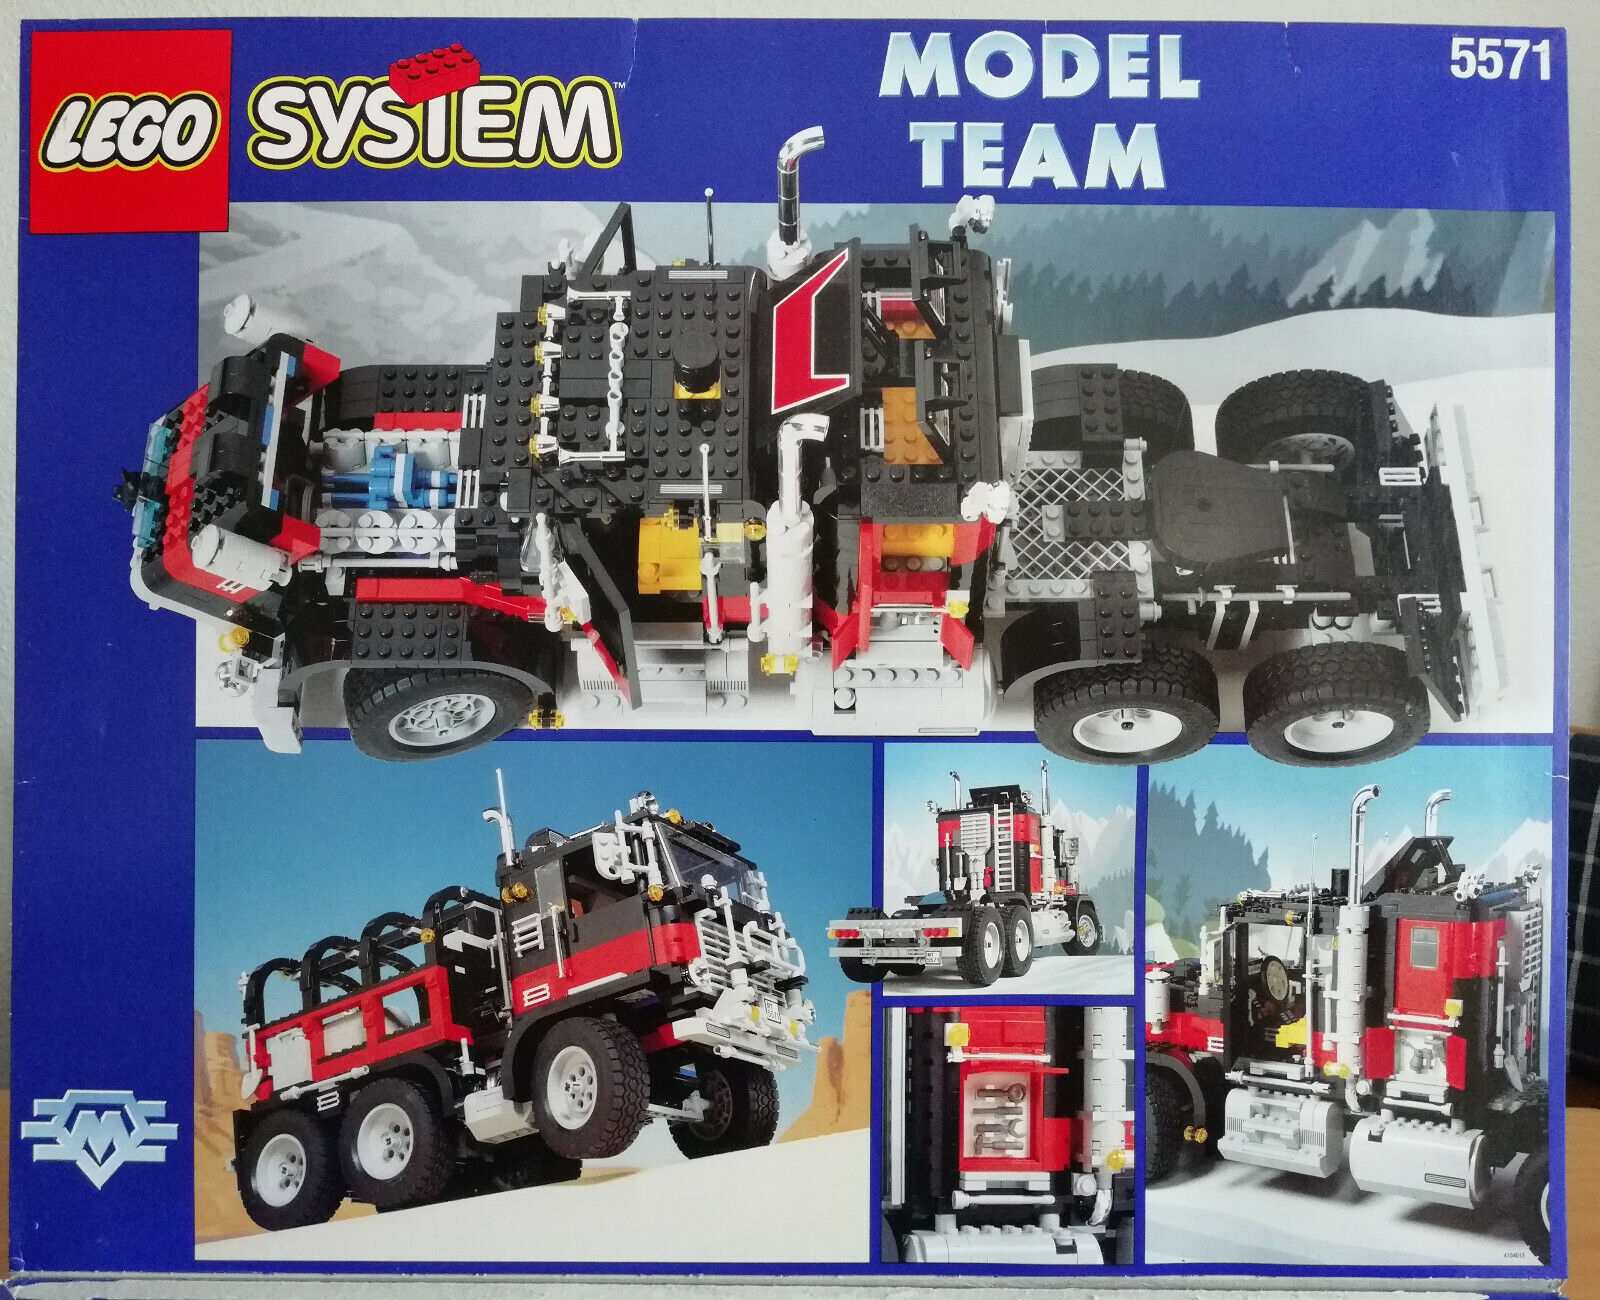 LEGO 5571  Giant Truck  schwarz Cat  Model Team (1996) mit Box und Bauanleitung